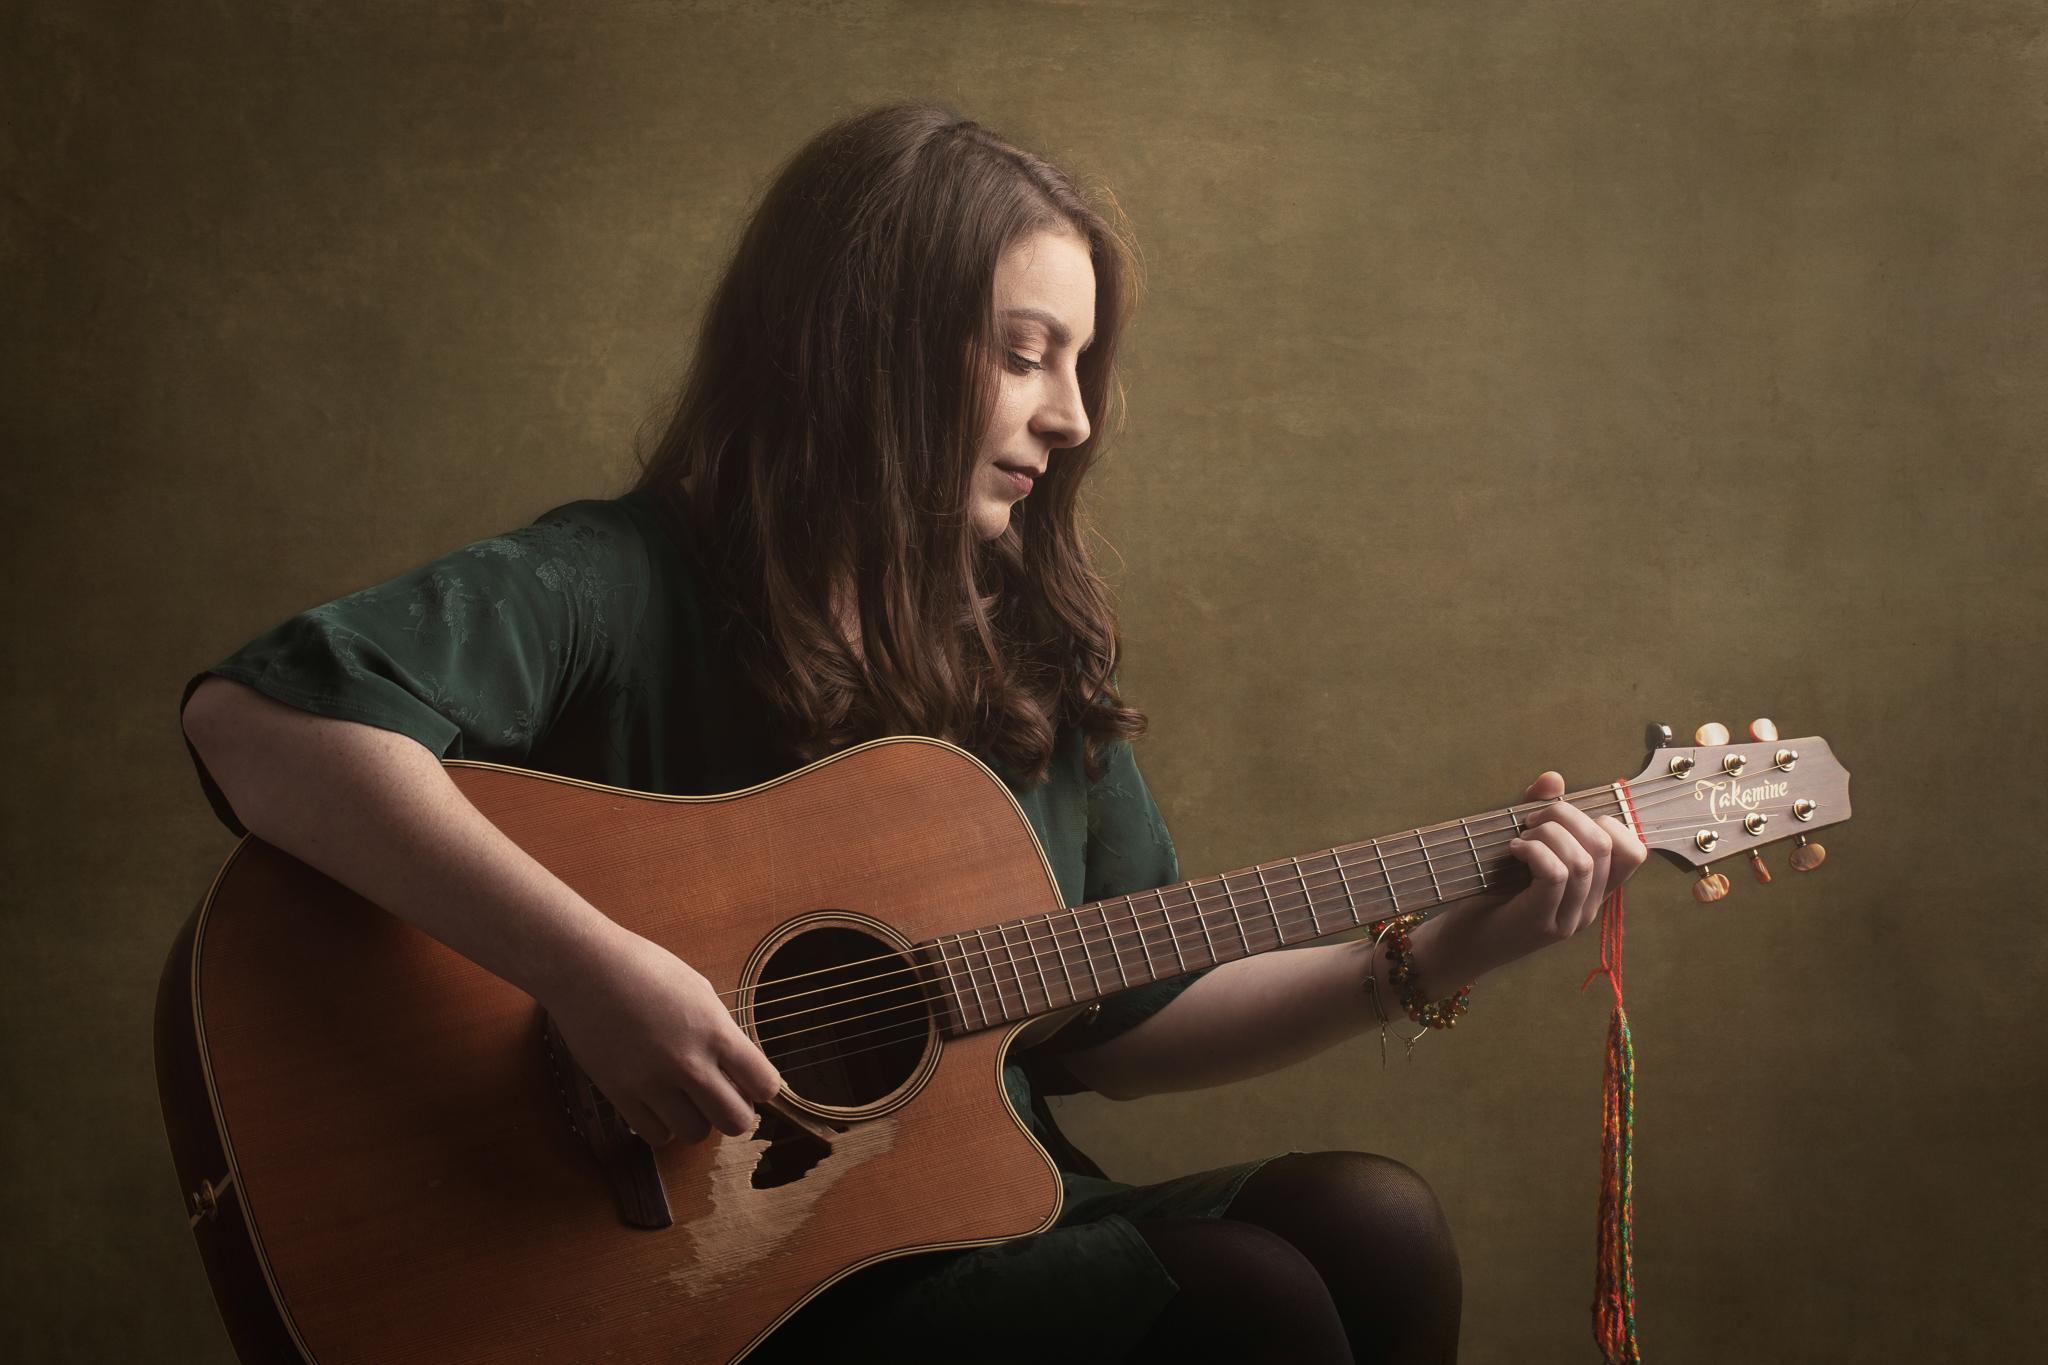 Singer/Songwriter Joy Booth from Navan, Co. Meath